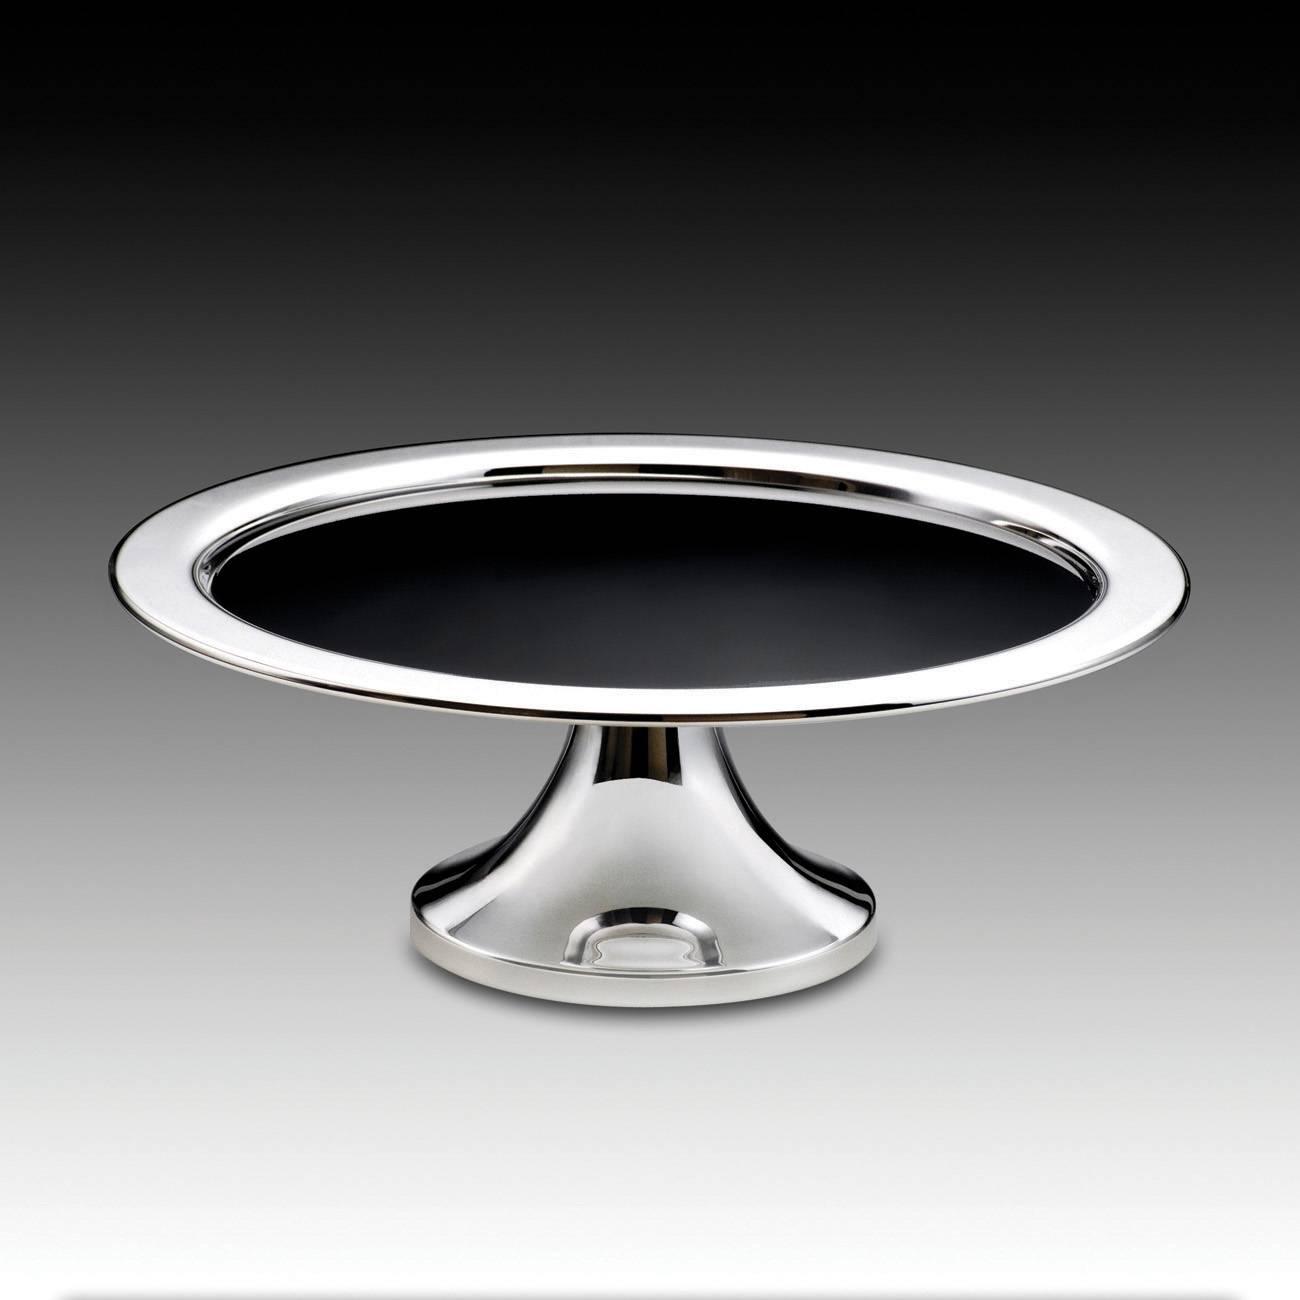 Prato para Bolo Pedestal em Prata com Vidro Preto - Wolff - 36x13,5 cm